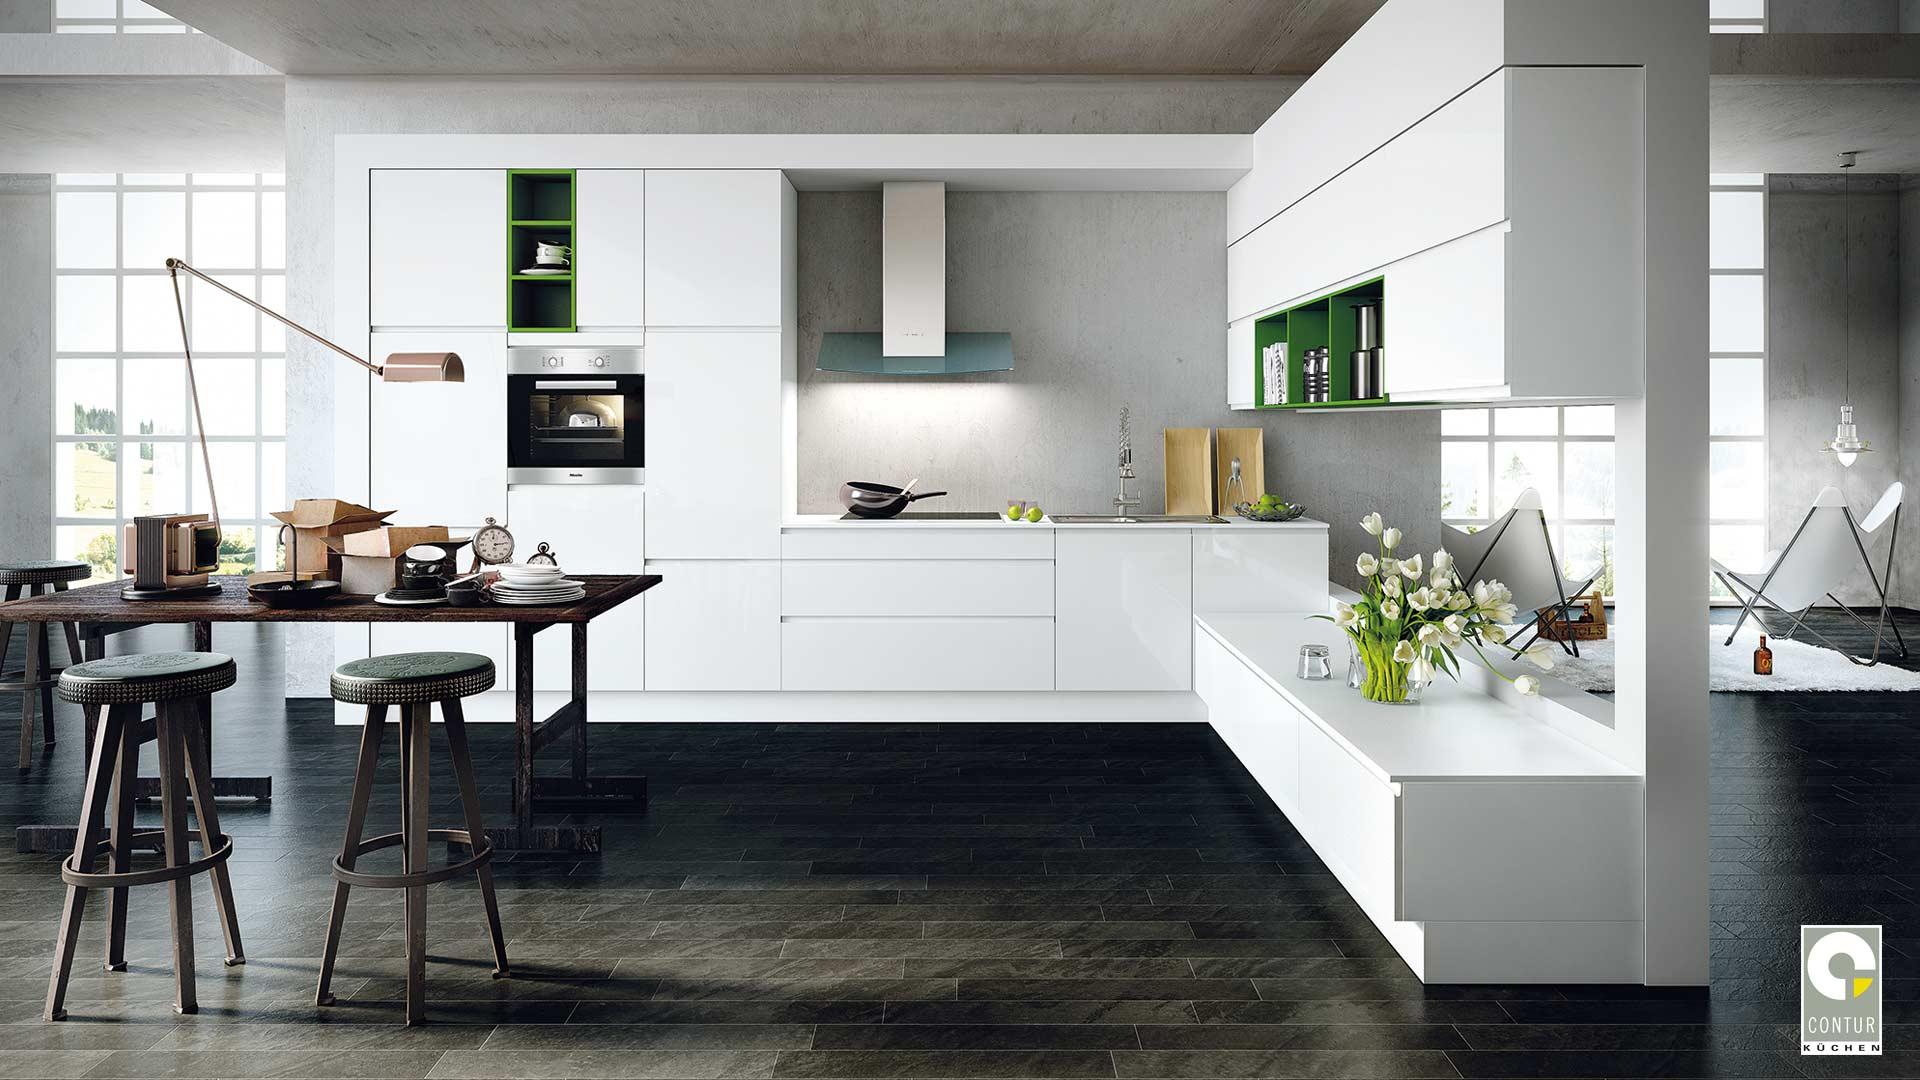 k chen schubbach tische f r die k che. Black Bedroom Furniture Sets. Home Design Ideas